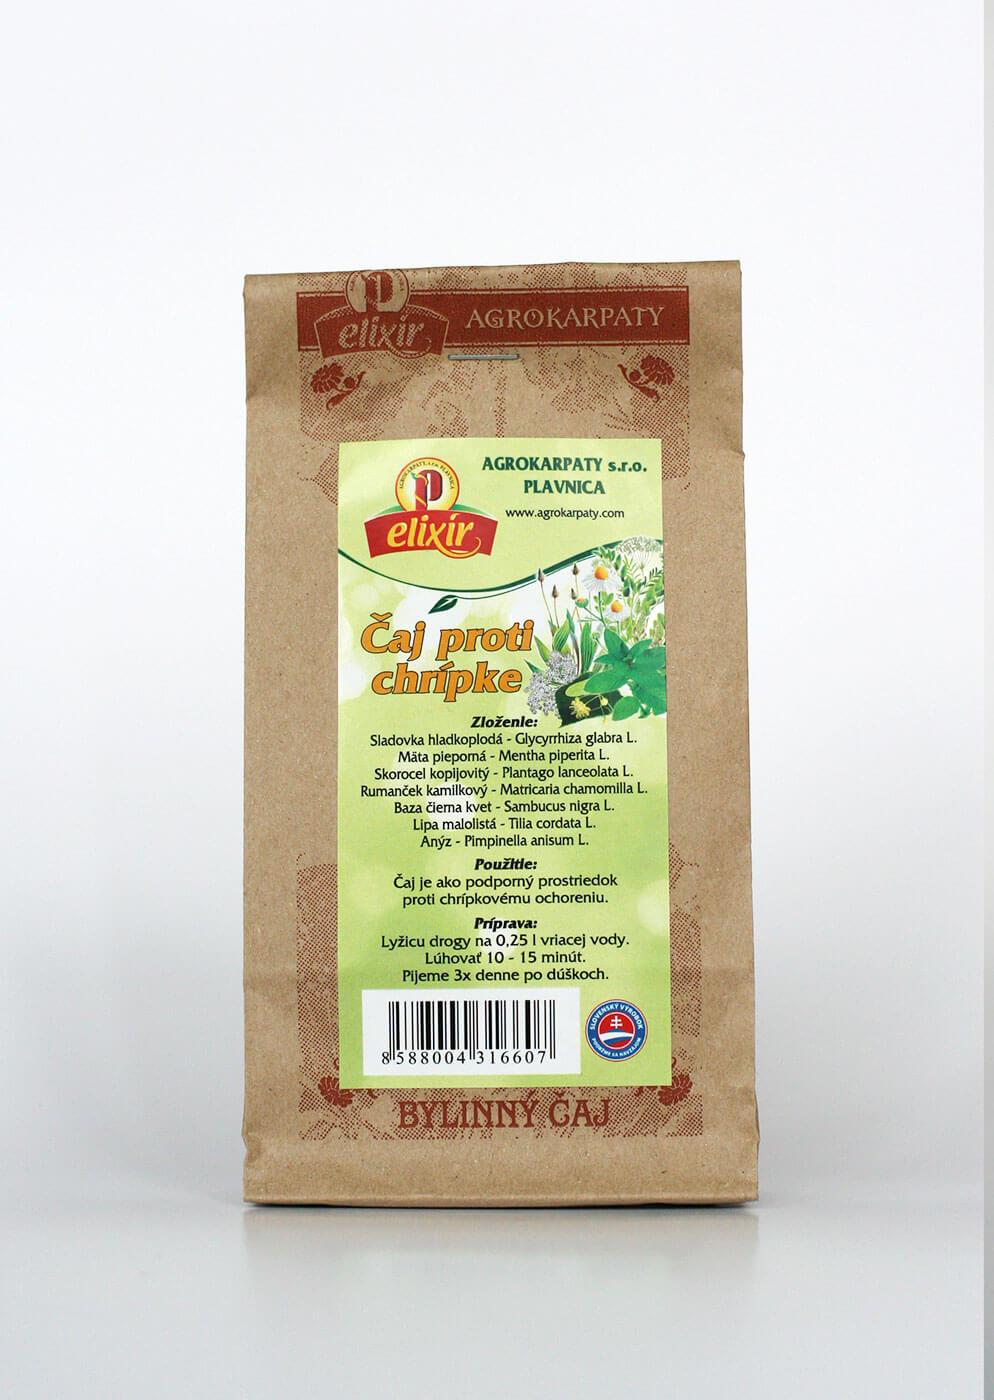 Agrokarpaty Elixír Proti chrípke sypaný čaj (30 g)